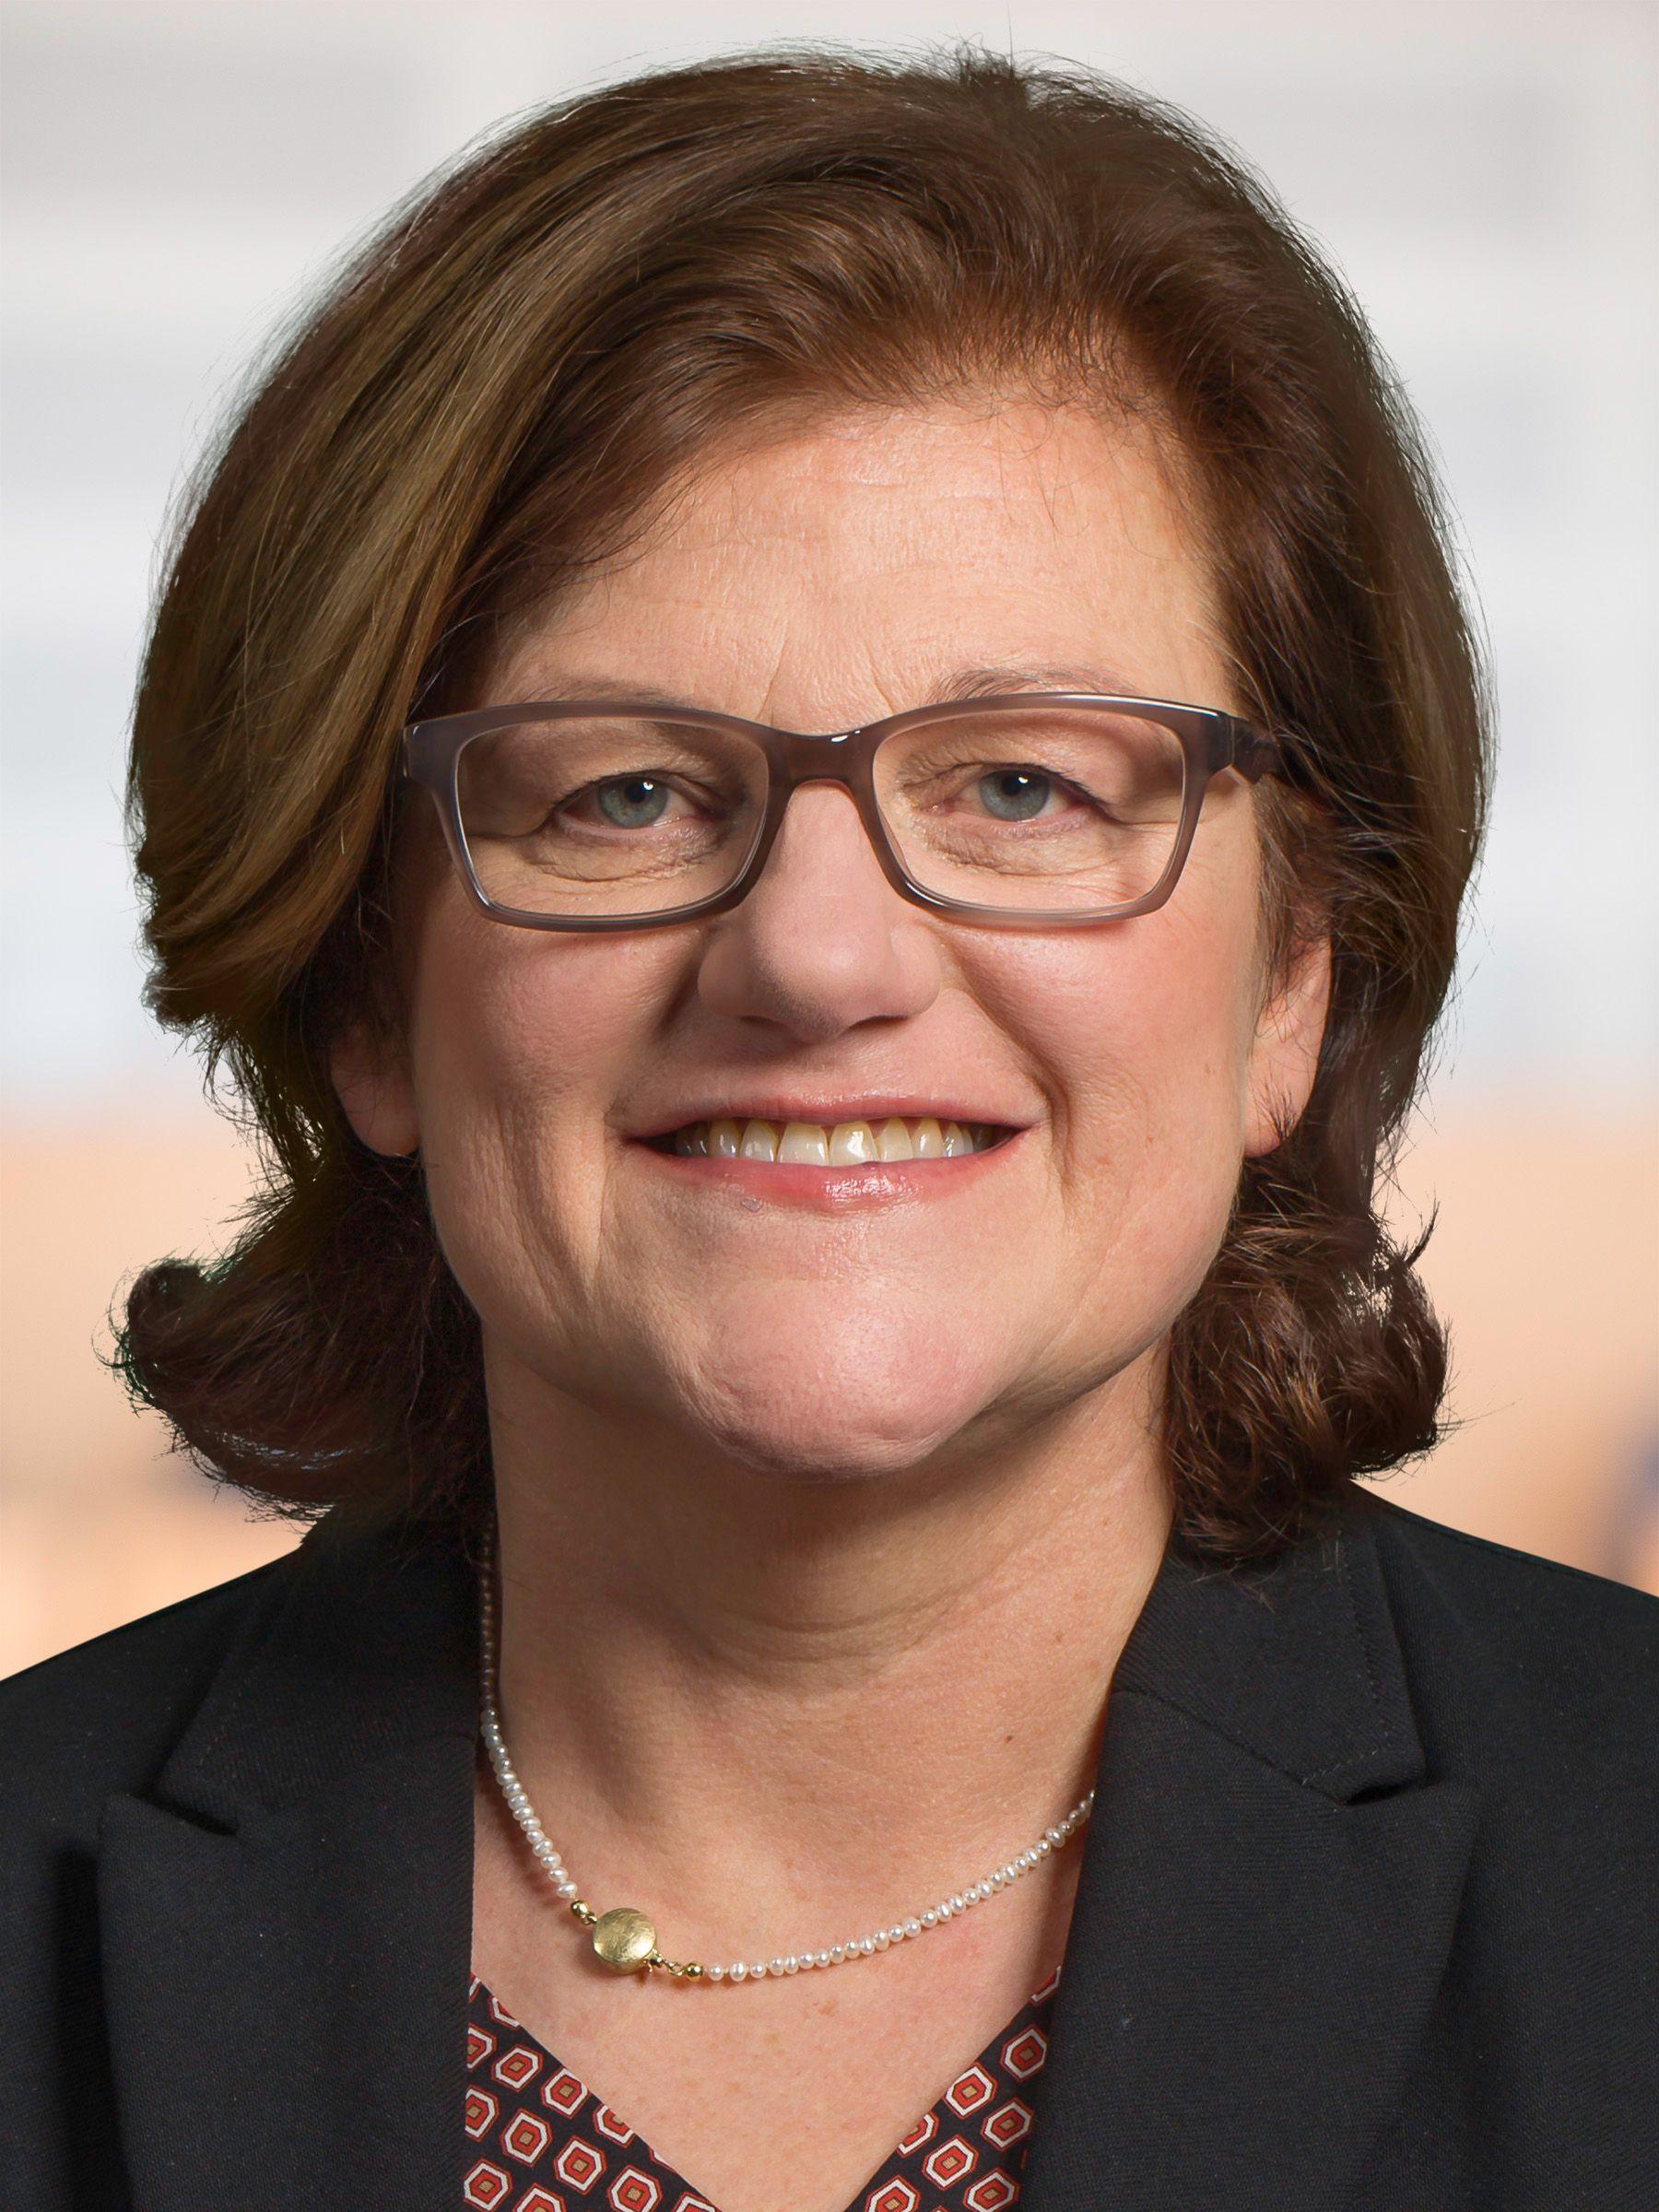 CDU Fraktion des Saarlandes: Welt-Alzheimertag: Begegnung statt Ausgrenzung